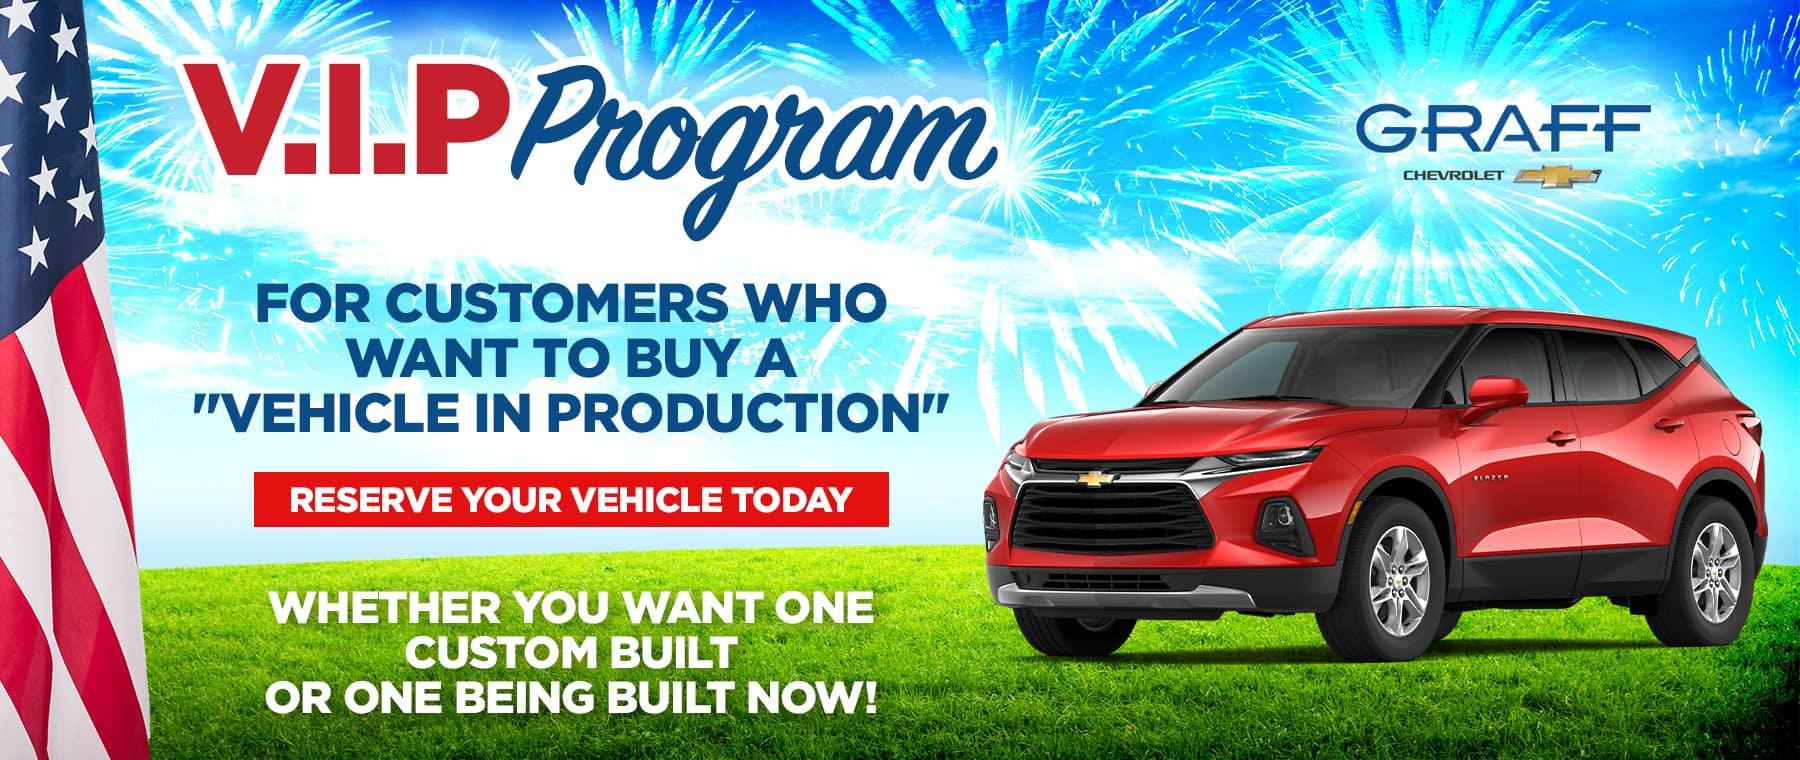 VIP Program | Grand Prairie, TX